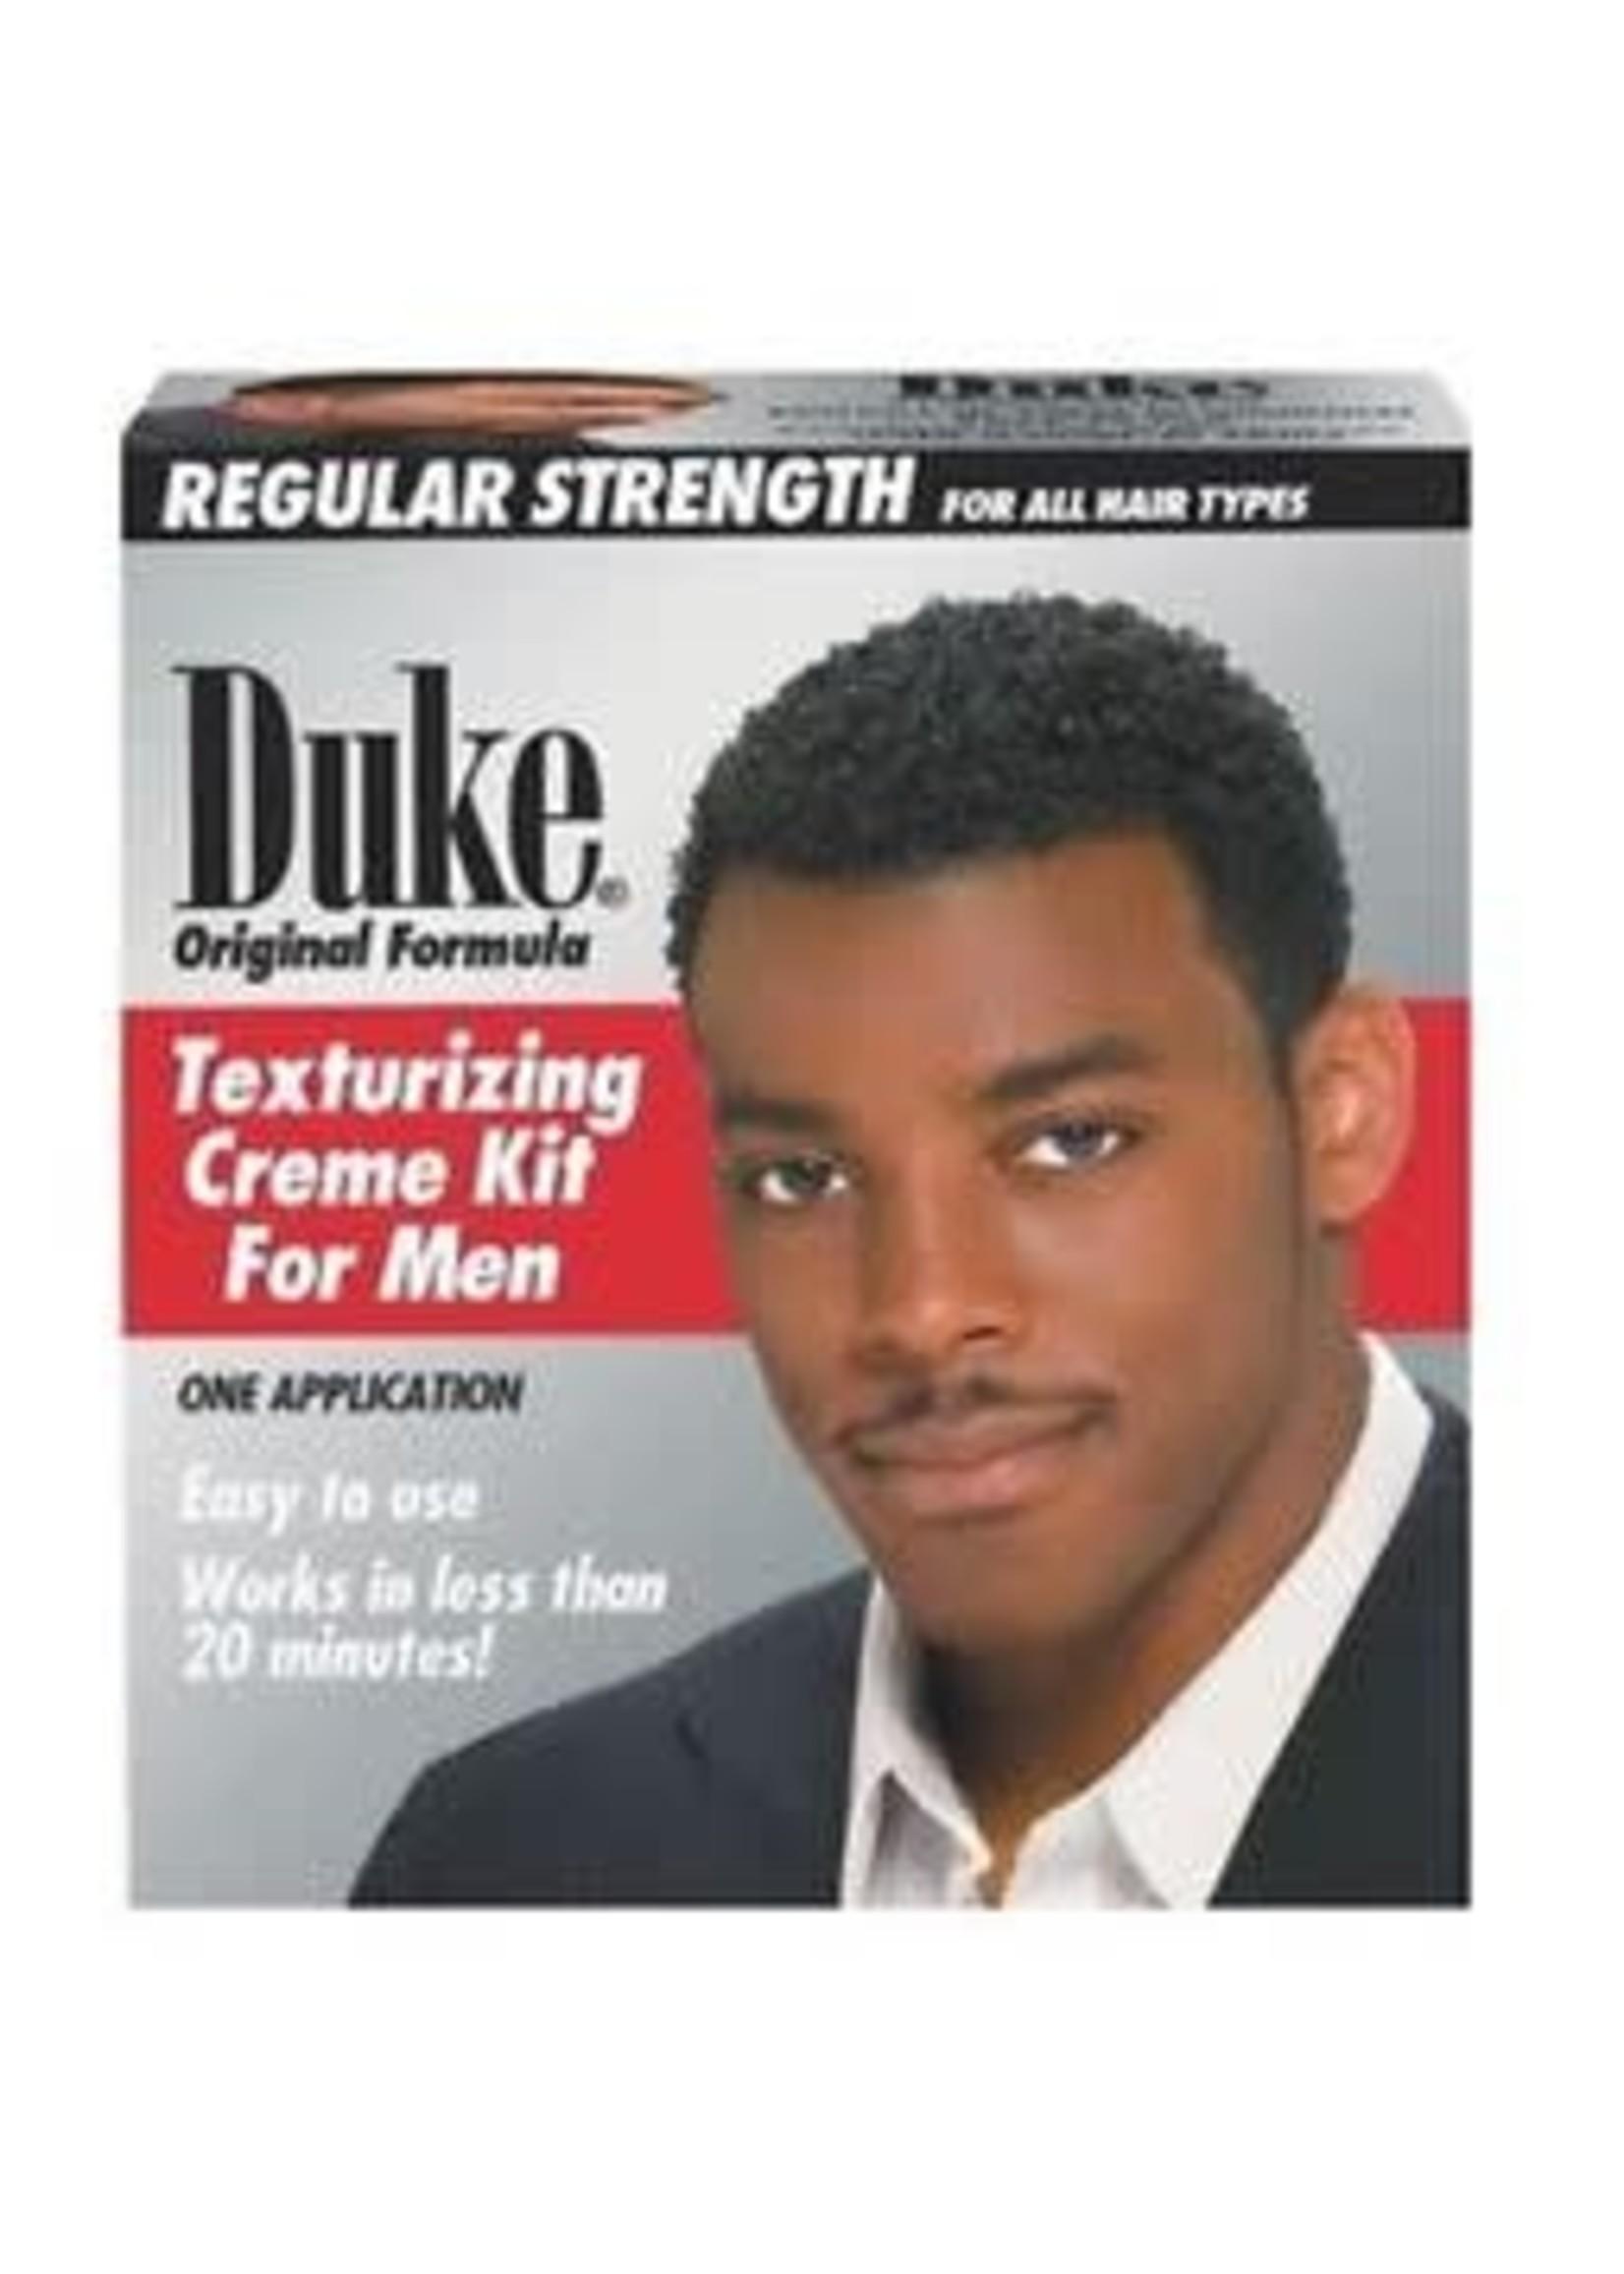 Duke Texture Kit Regular